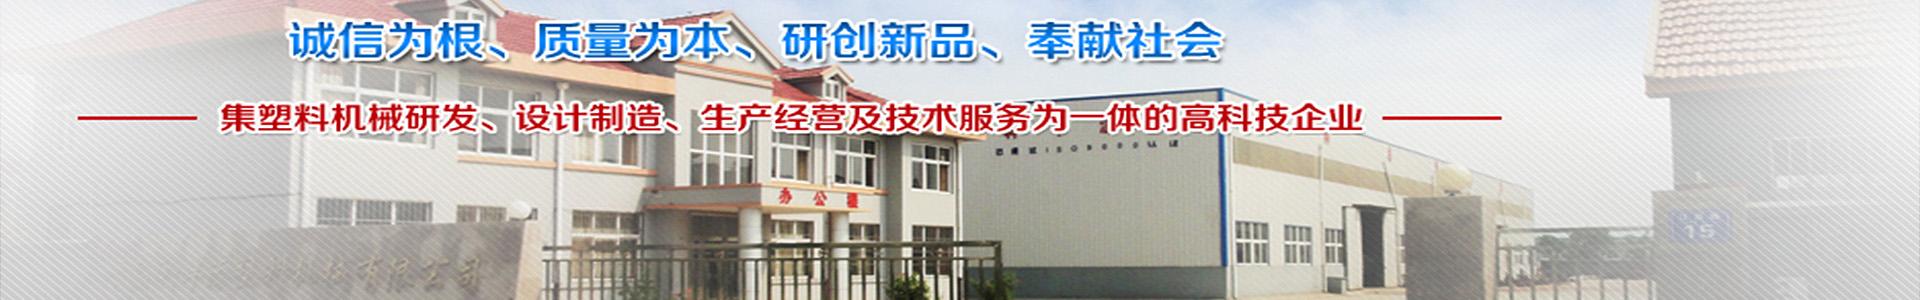 青岛科丰源塑料机械有限公司